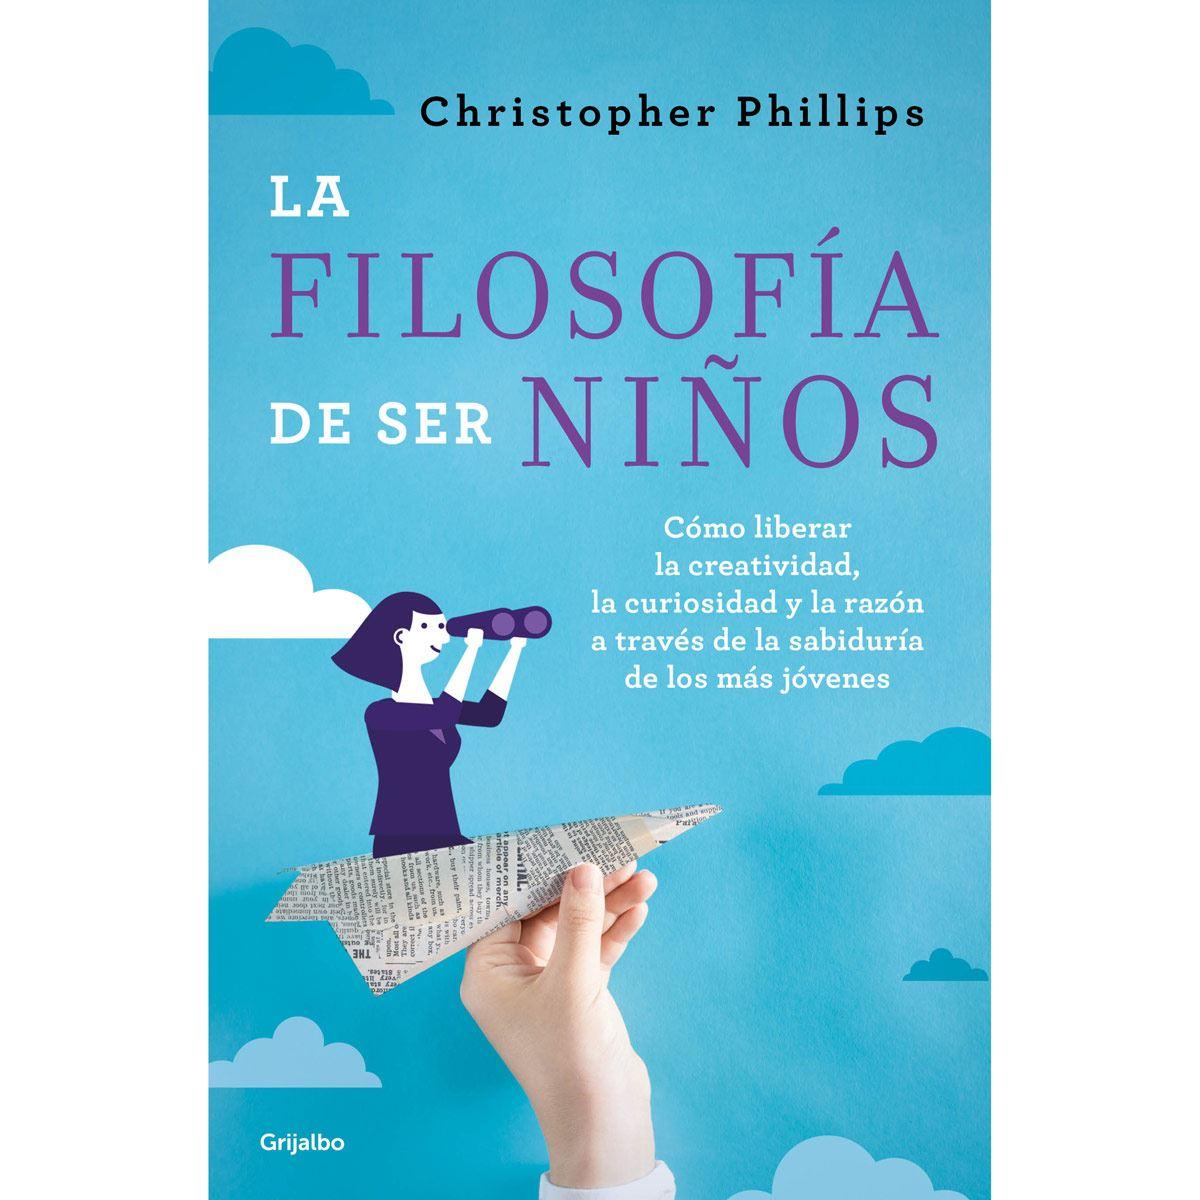 La filosofía de ser niños Libro - Sanborns